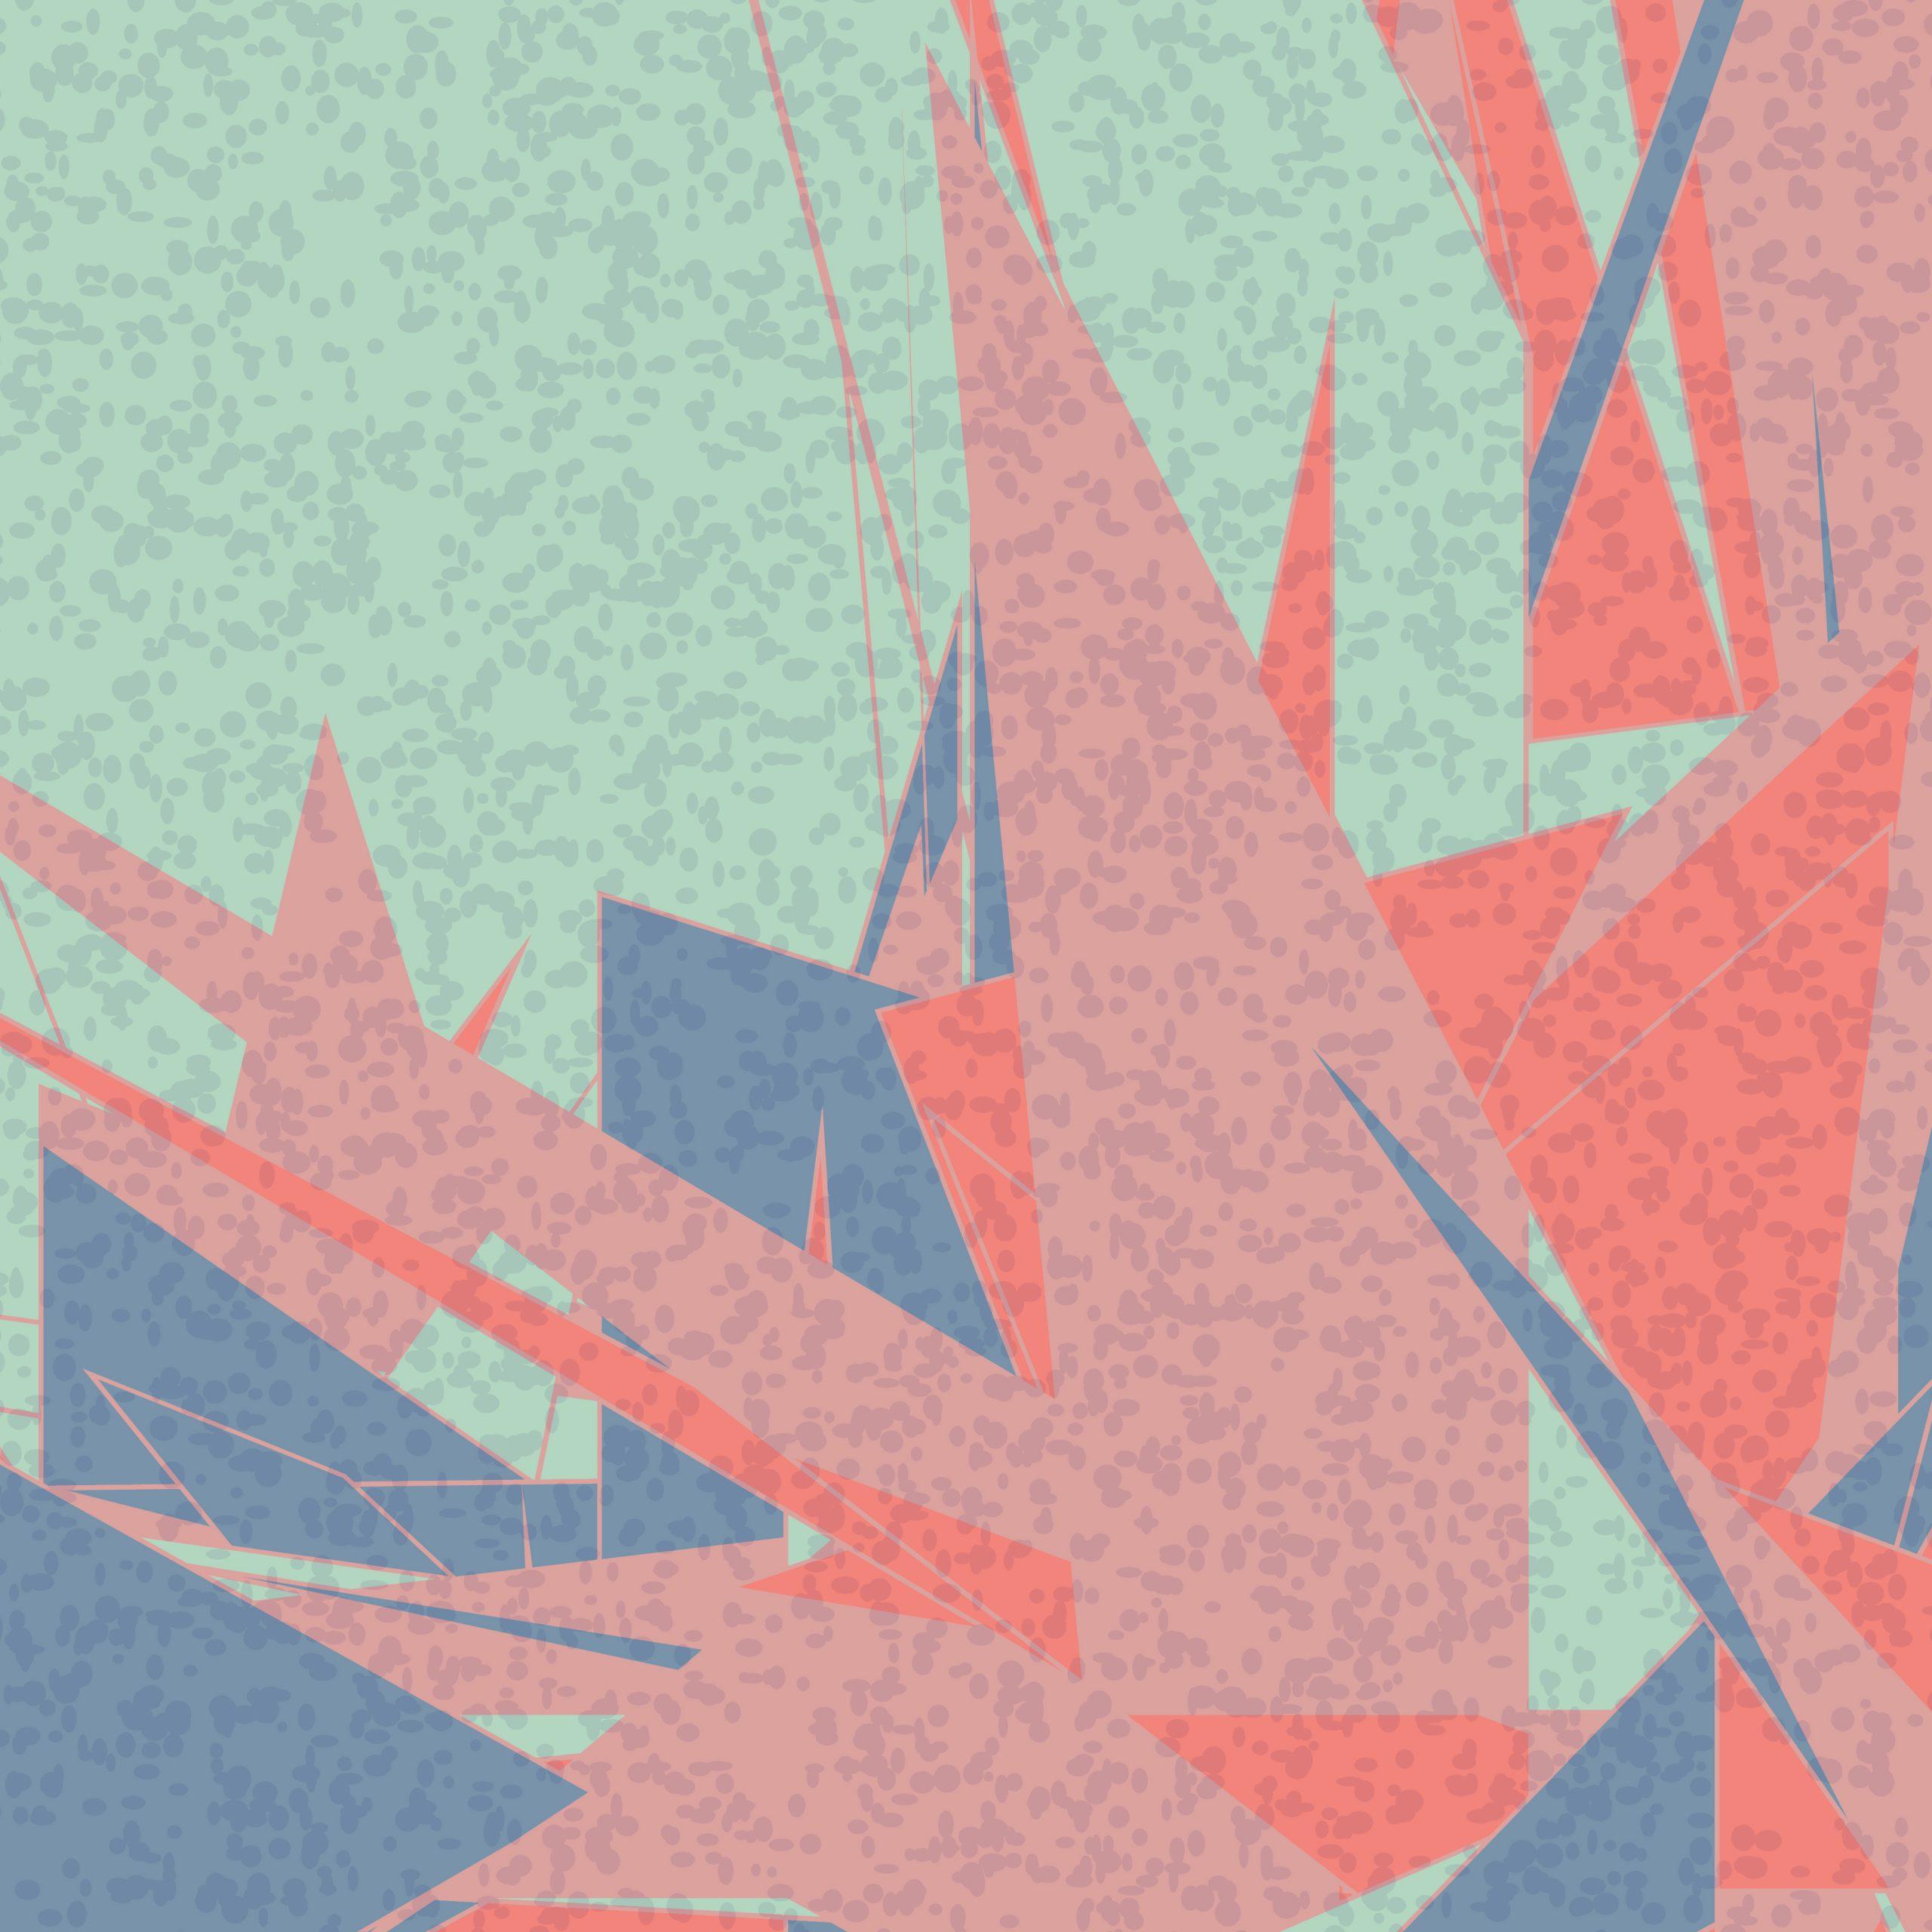 Mondrian_20200311-154626458_40004000_6